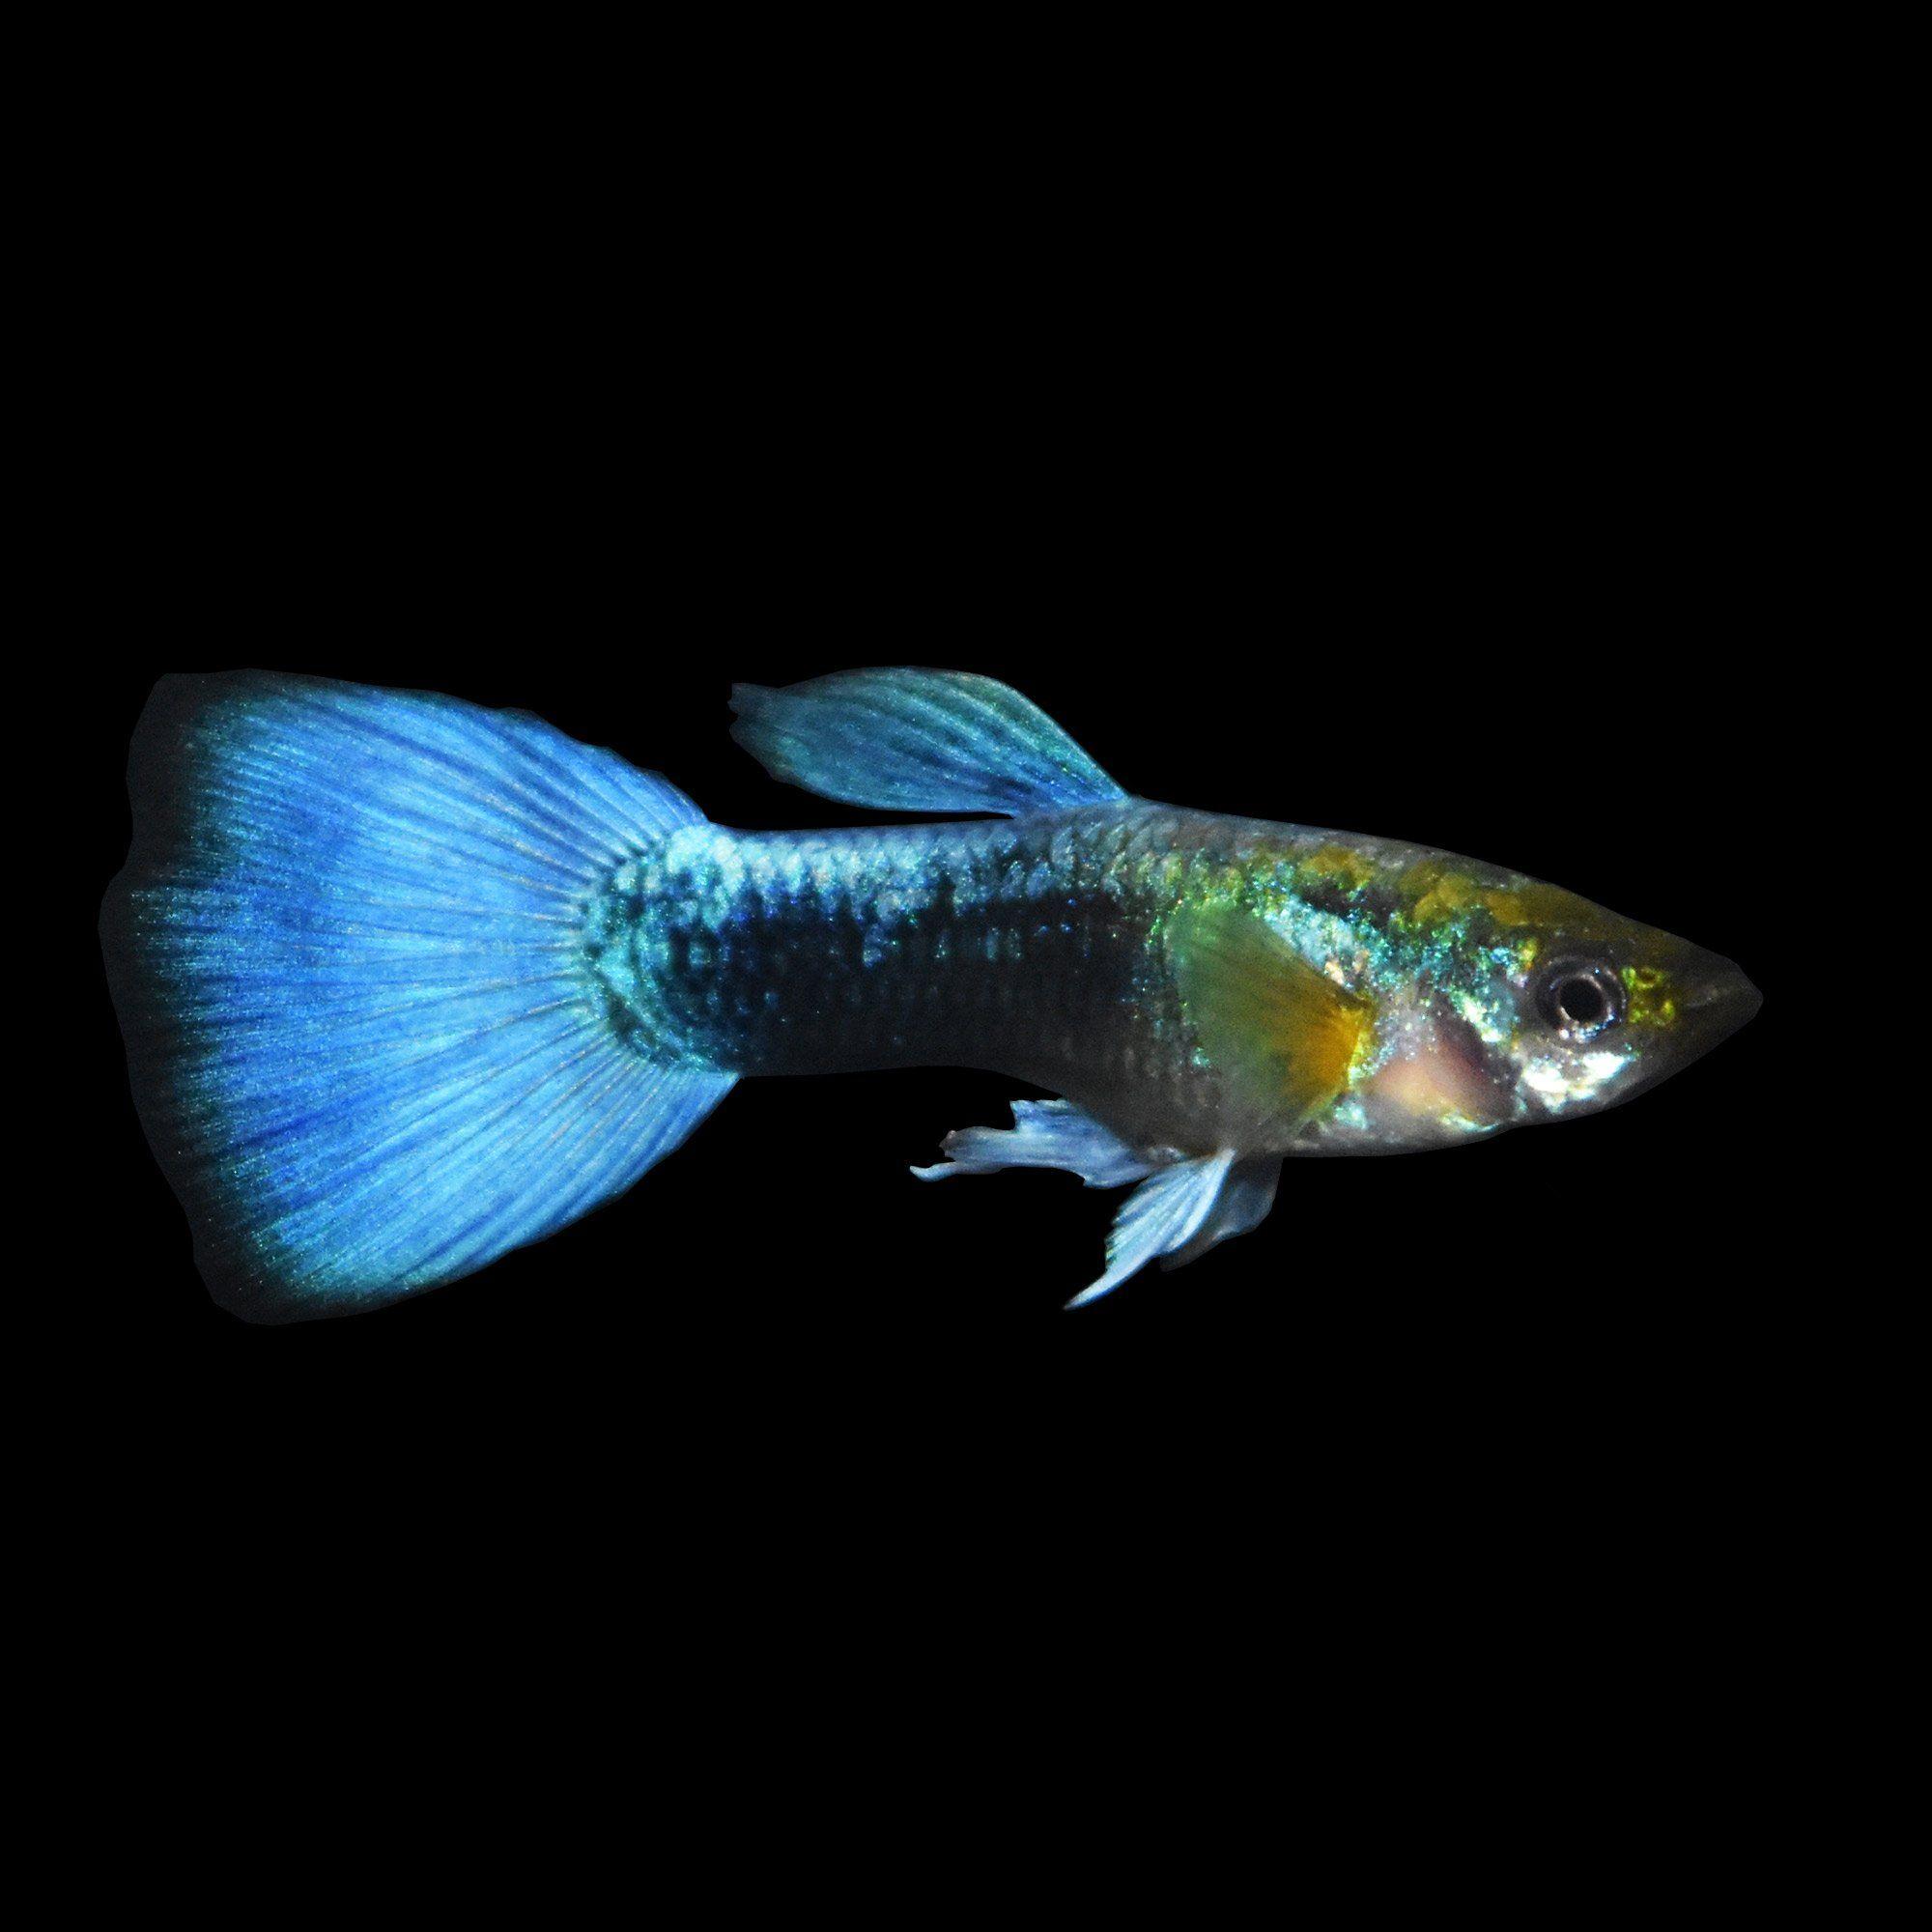 Male Blue Neon Guppies For Sale Order Online Petco Saltwater Aquarium Fish Aquarium Fish Guppy